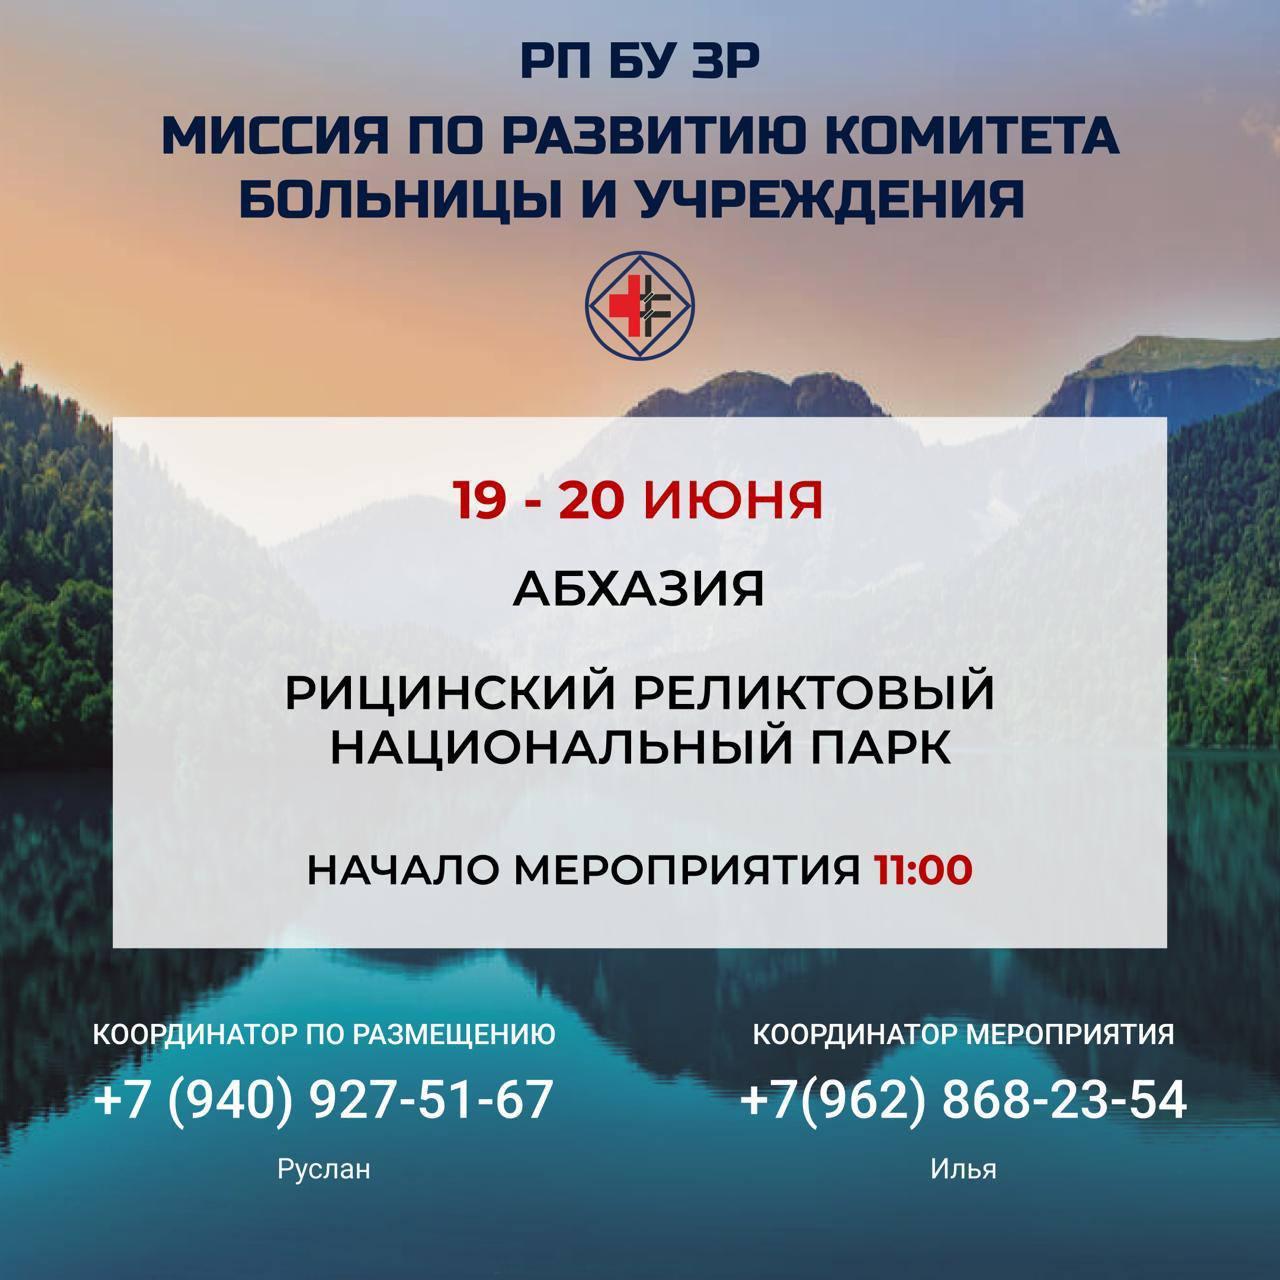 Миссия по развитию комитета Больницы и Учреждения РПБУ